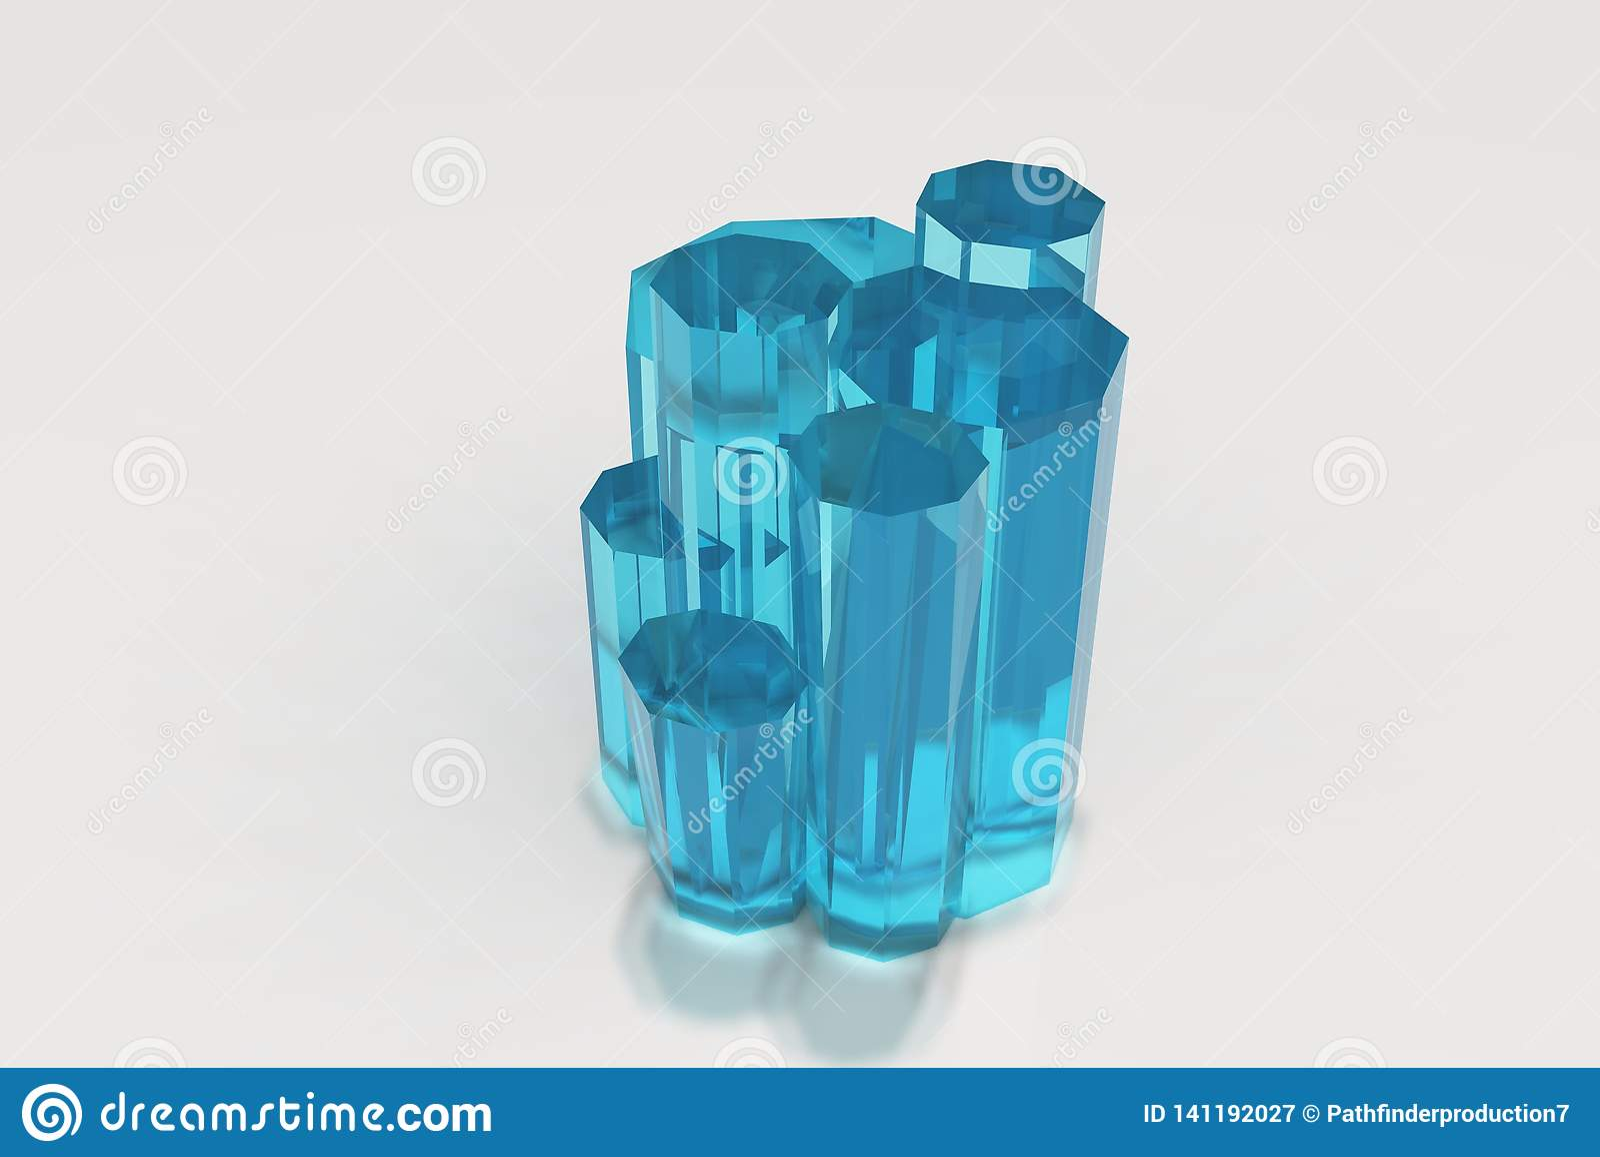 Kryształ barwiony błękitny seledyn na białym tle